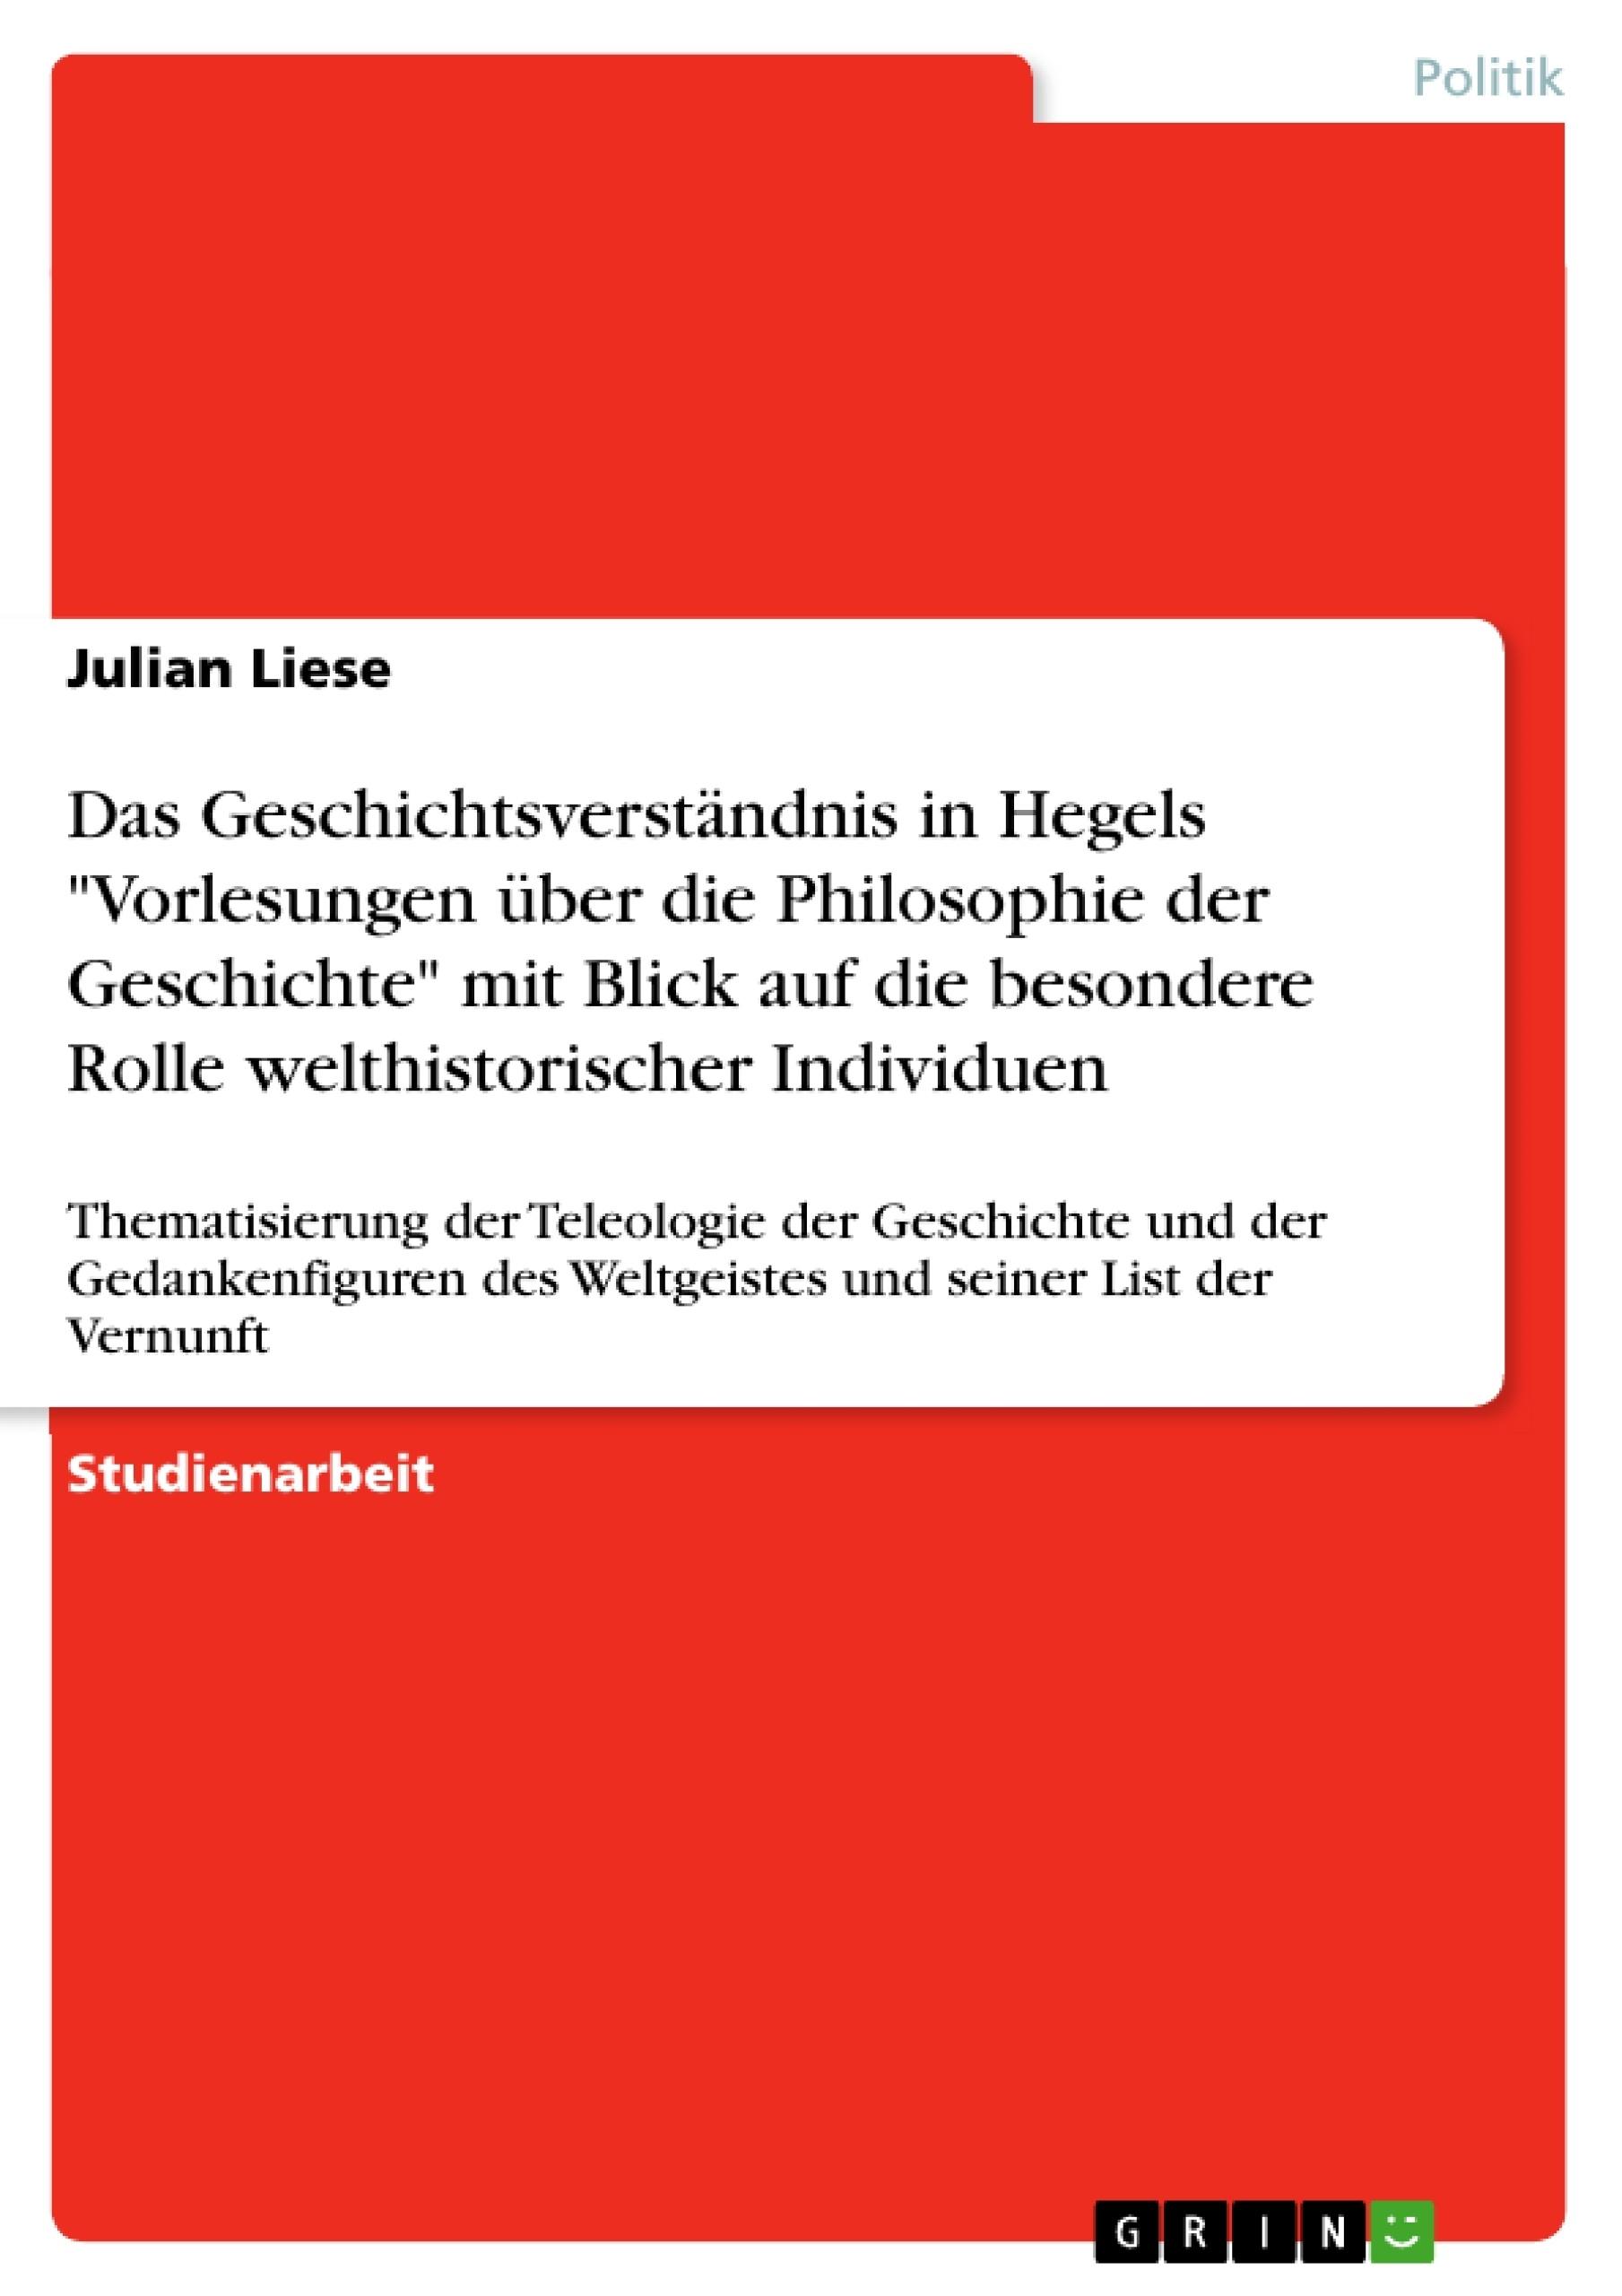 """Titel: Das Geschichtsverständnis in Hegels """"Vorlesungen über die Philosophie der Geschichte"""" mit Blick auf die besondere Rolle welthistorischer Individuen"""